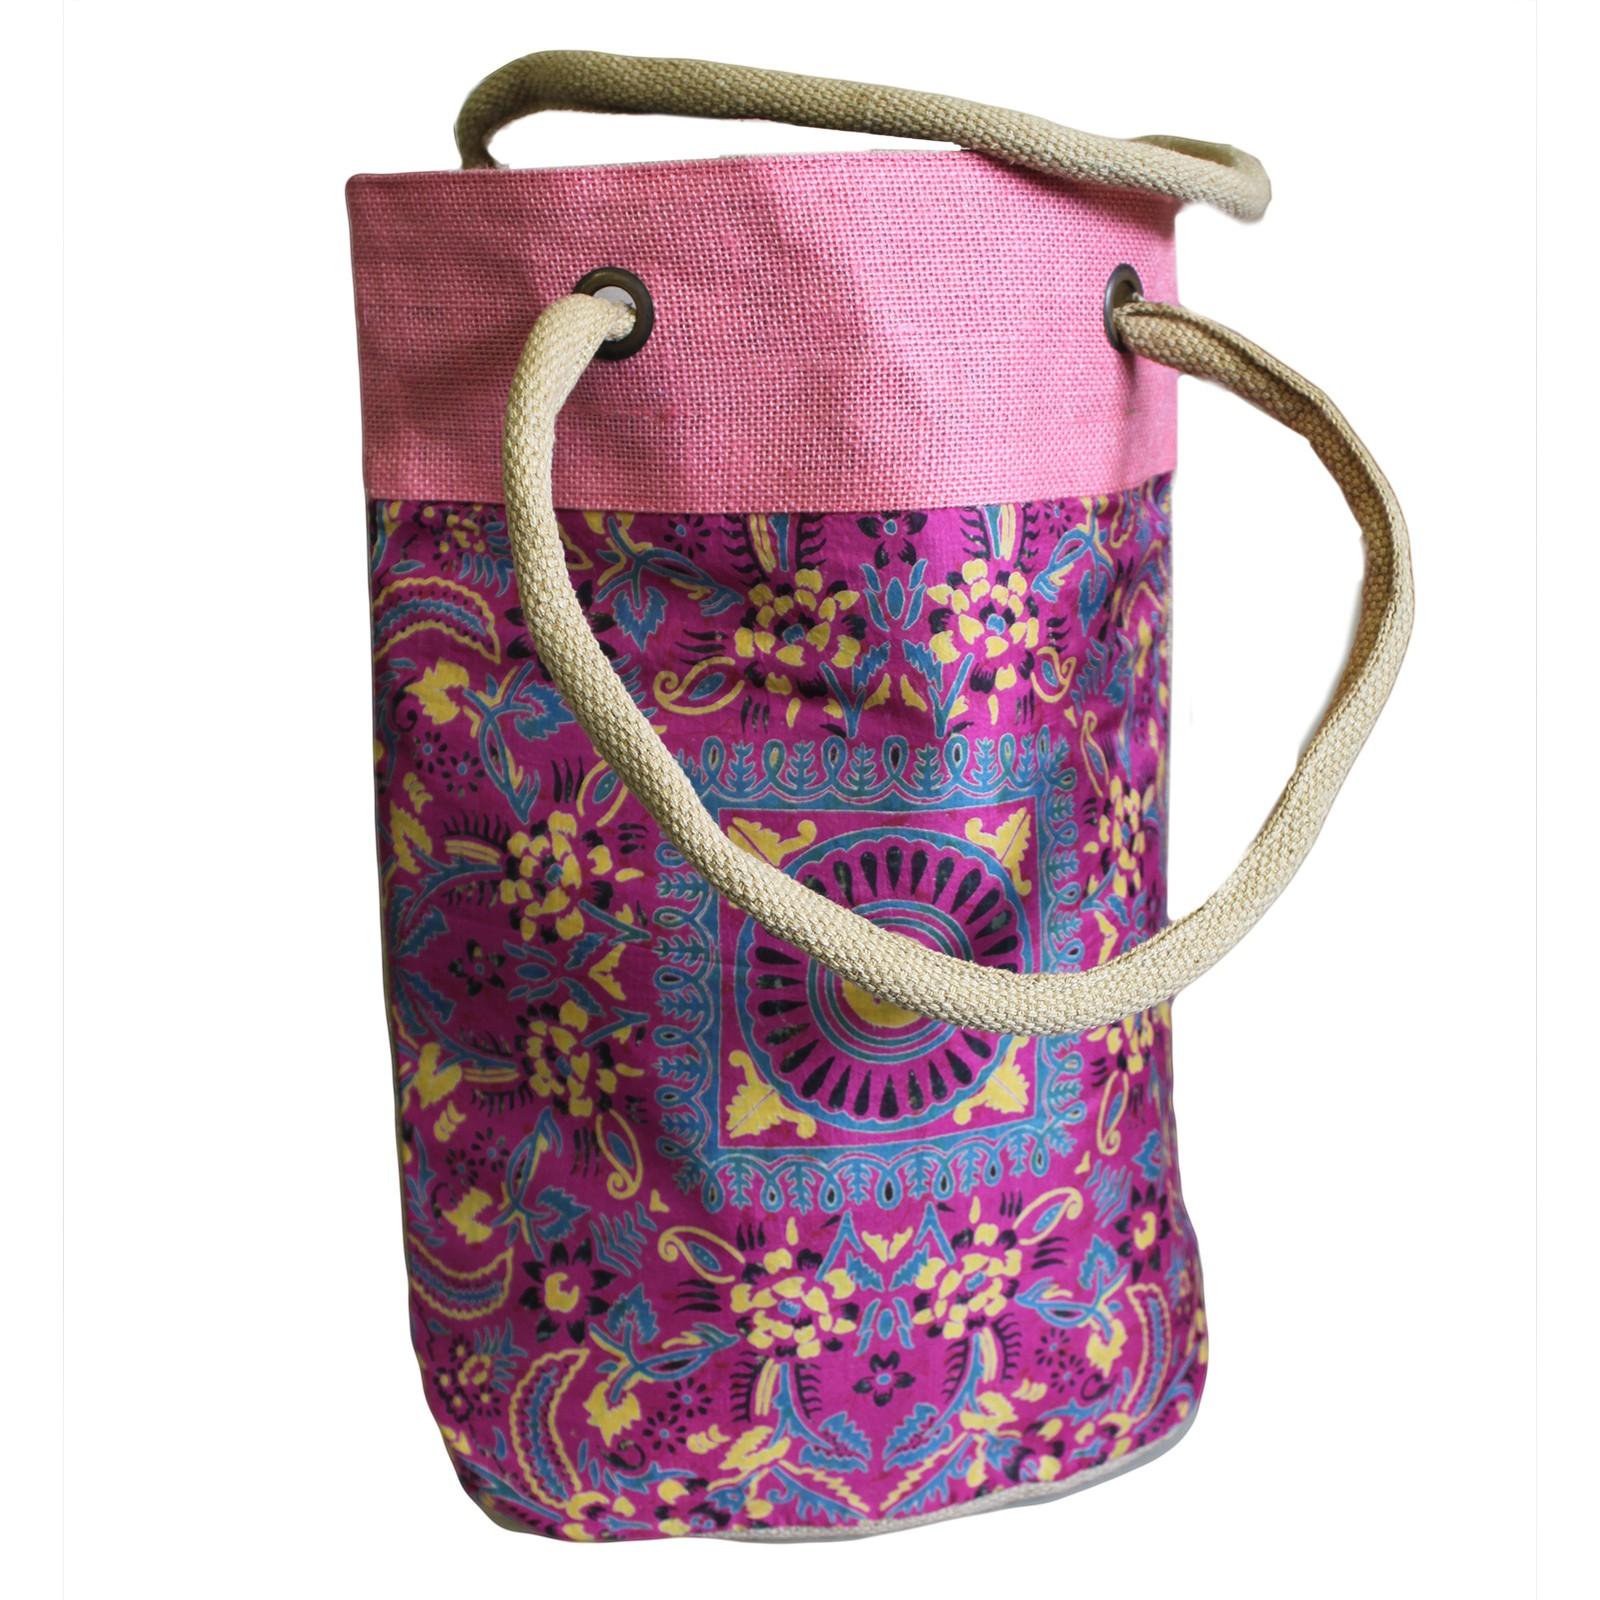 Barrel Shopping Bag 38x37cm Pink Alpana asst